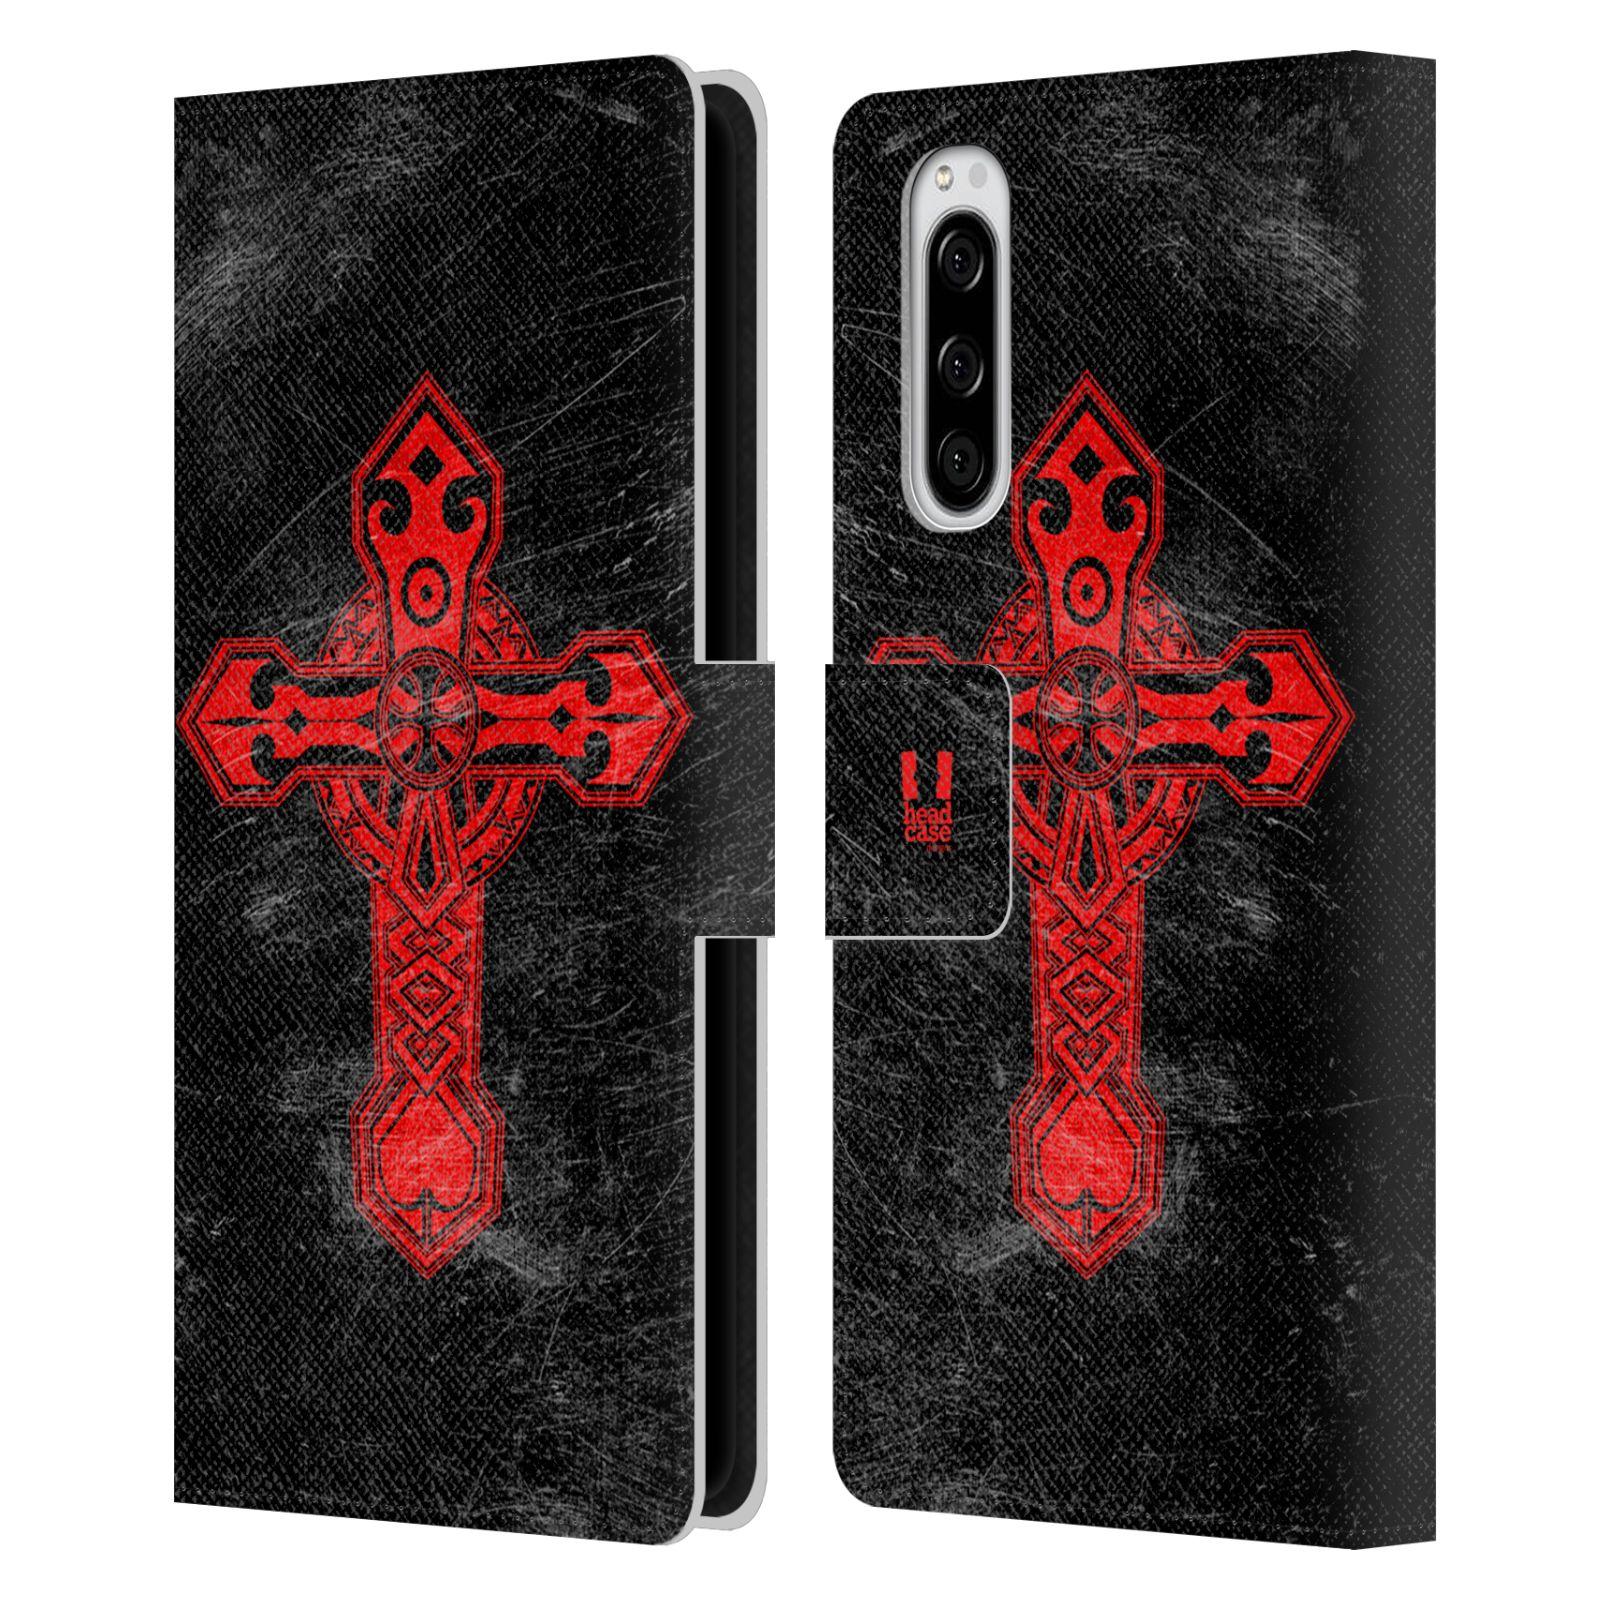 Pouzdro na mobil Sony Xperia 5 barevný kříž červená